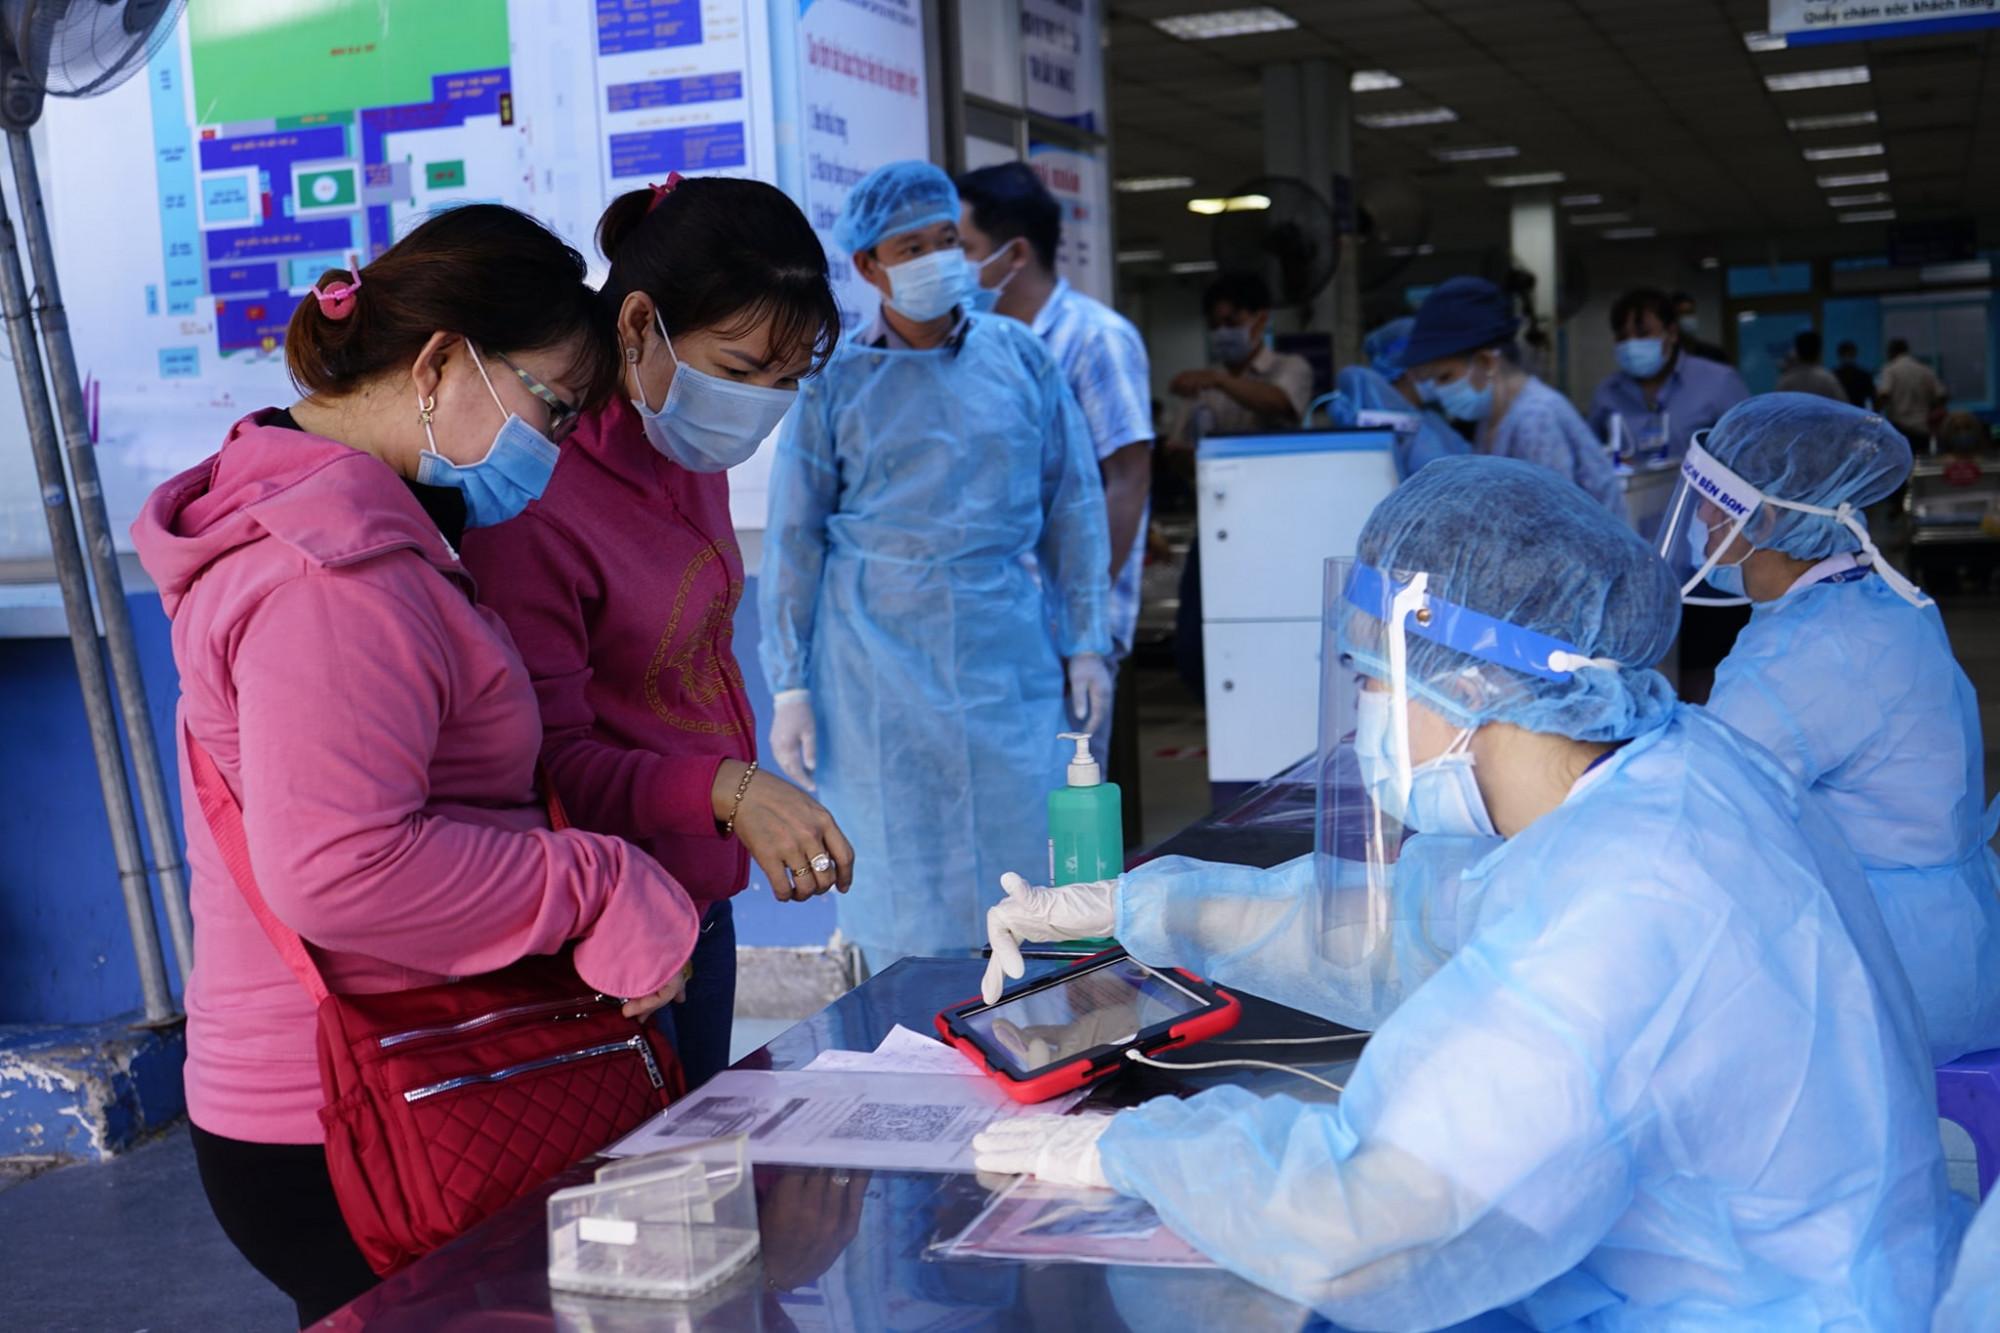 Tiếp nhận bệnh nhân đến khám chữa bệnh trước tại BV Gia Định trước thời điểm nơi này chuyển thành nơi chuyên điều trị bệnh nhân COVID-19 nặng.